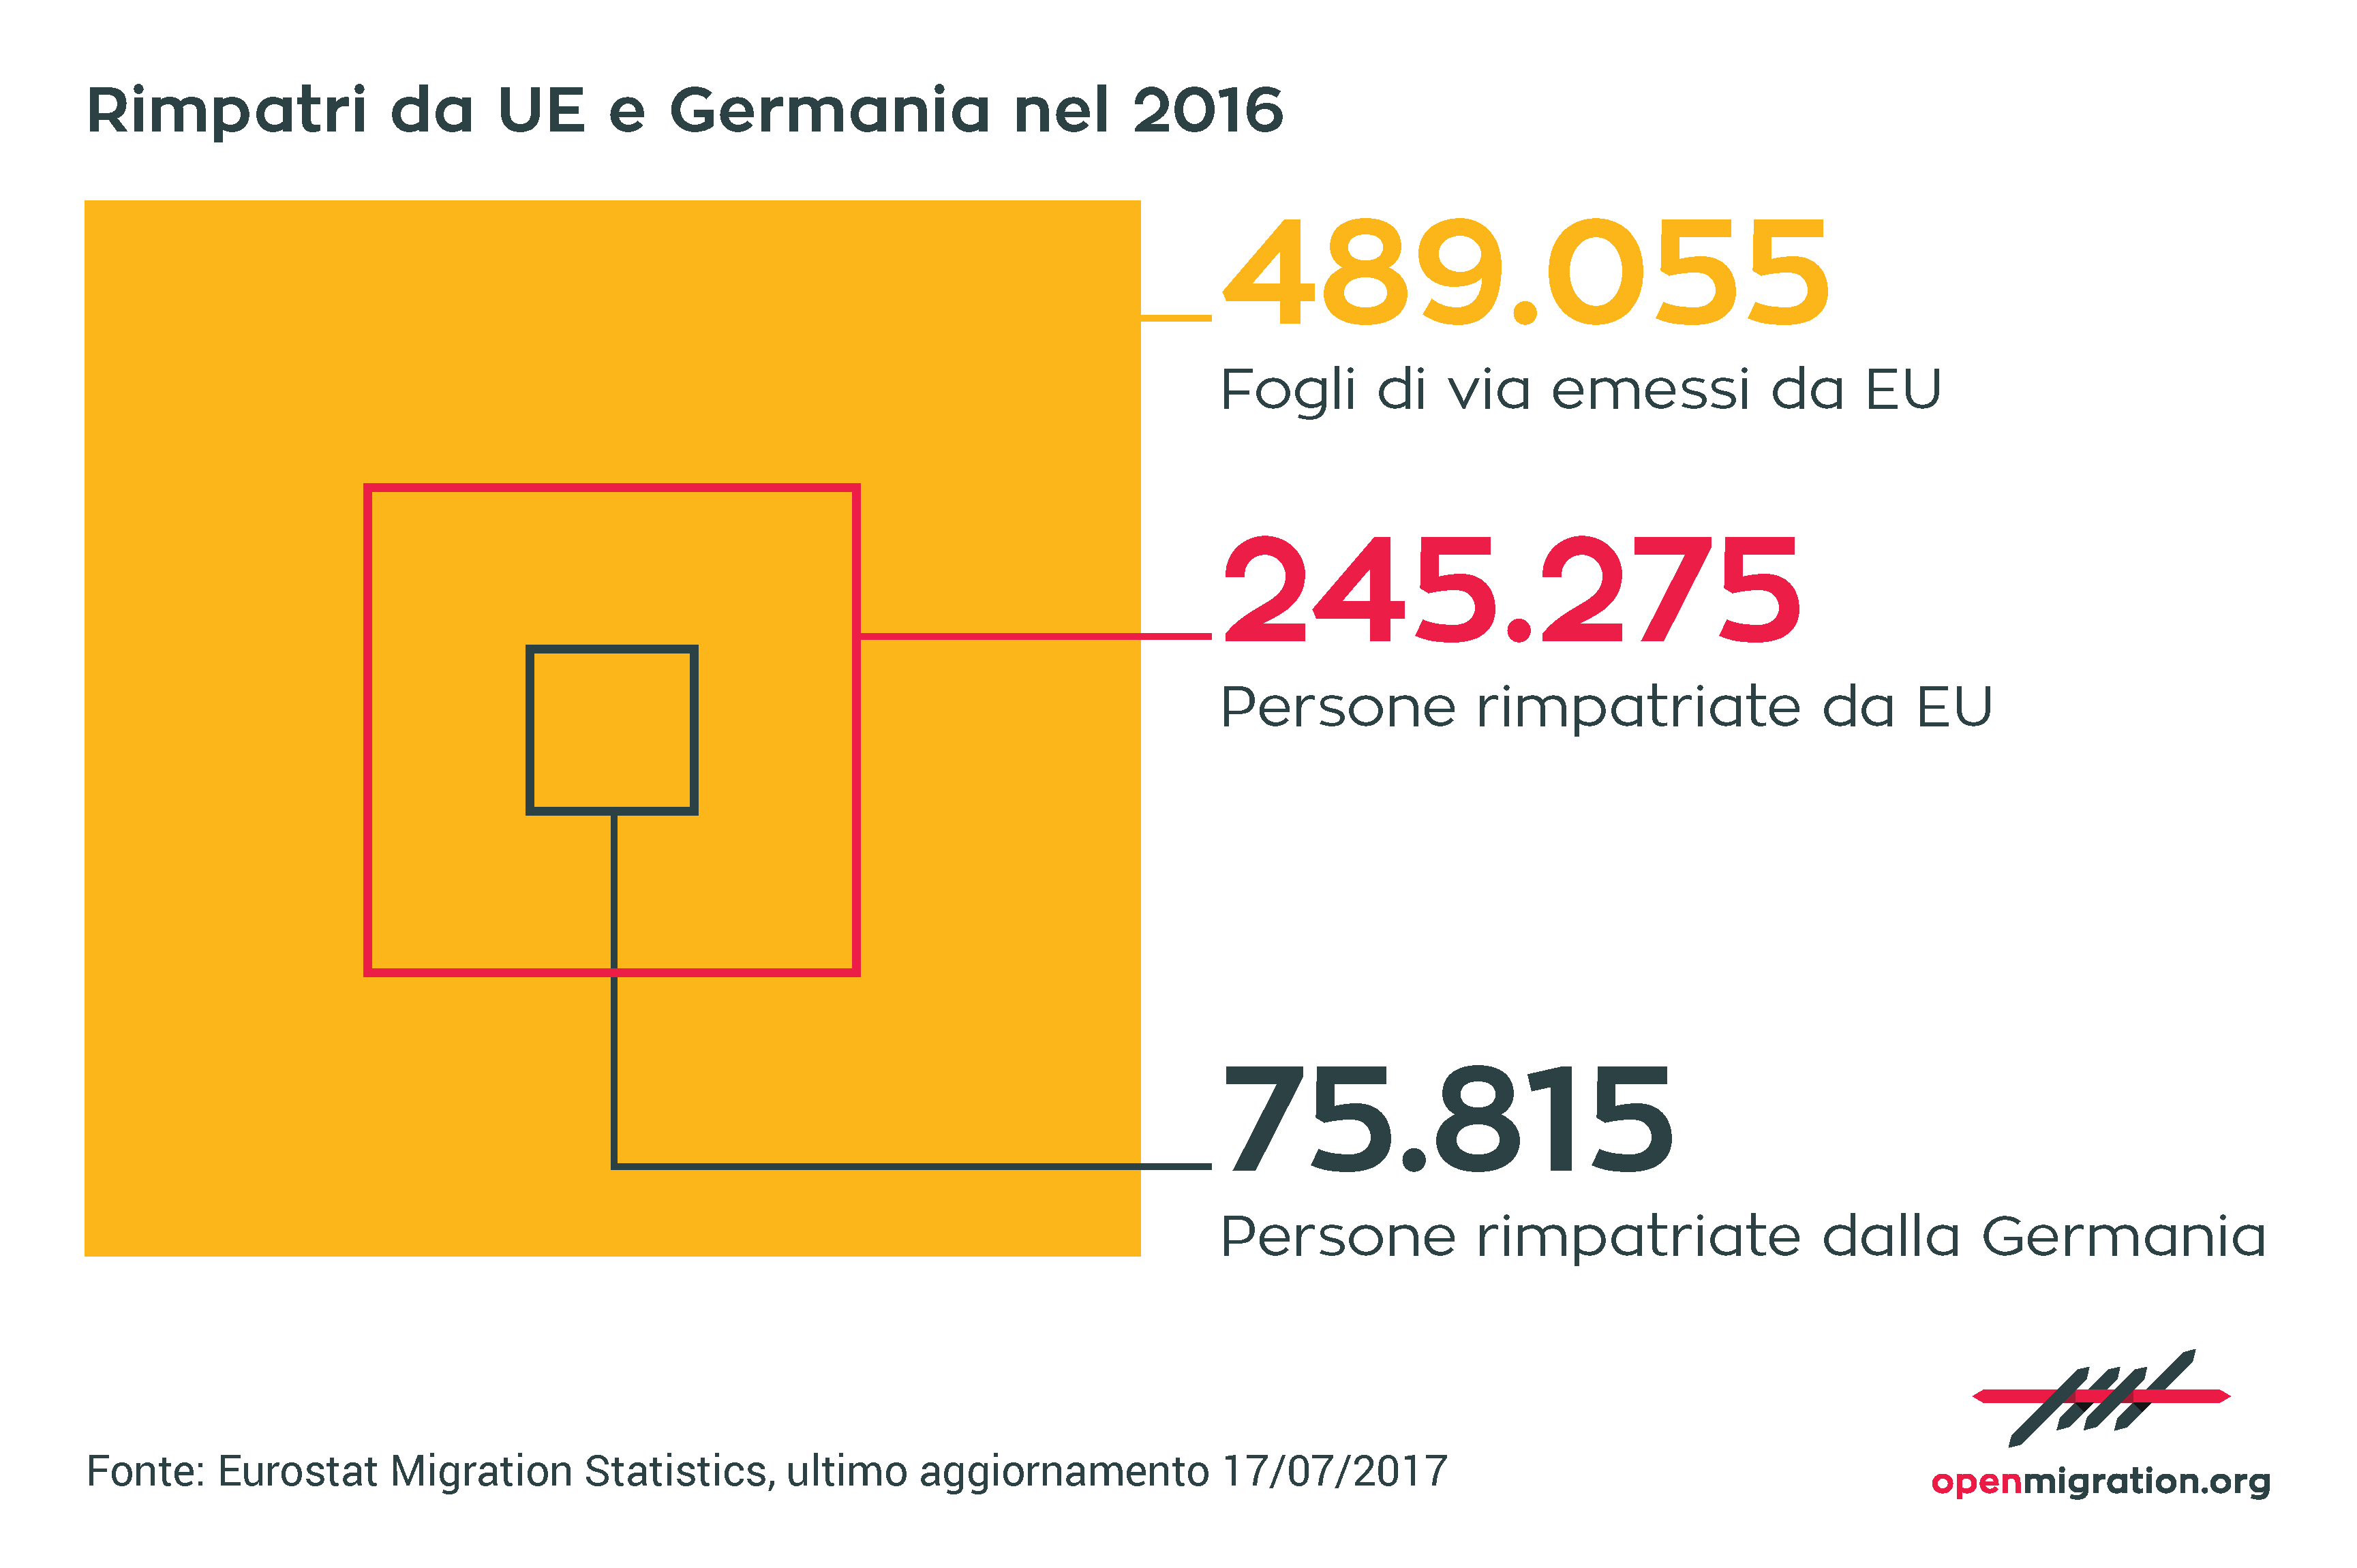 Rimpatri da UE e Germania, 2016